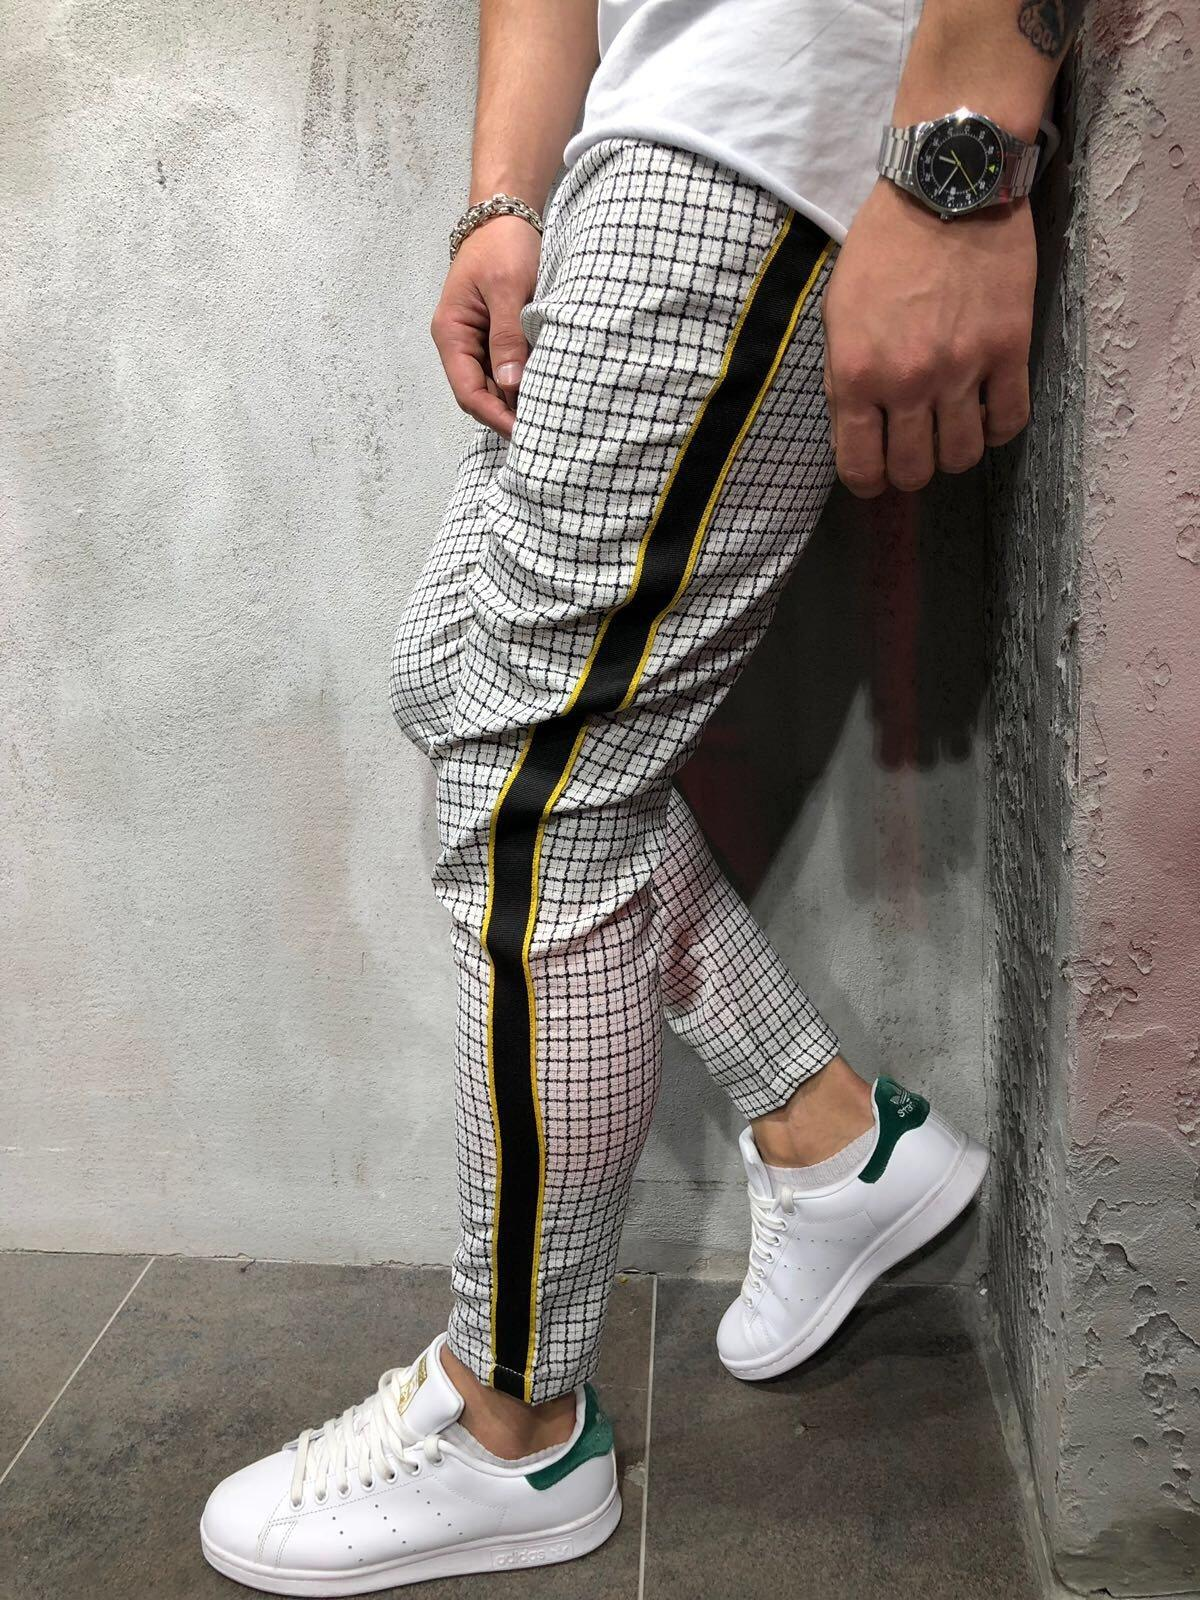 Pantalons pour hommes 2020 Mode New Hommes Europe et Amérique Cadrage en pied Pantalons Hommes Casual sport Pantalon 3 couleurs Taille M-3XL